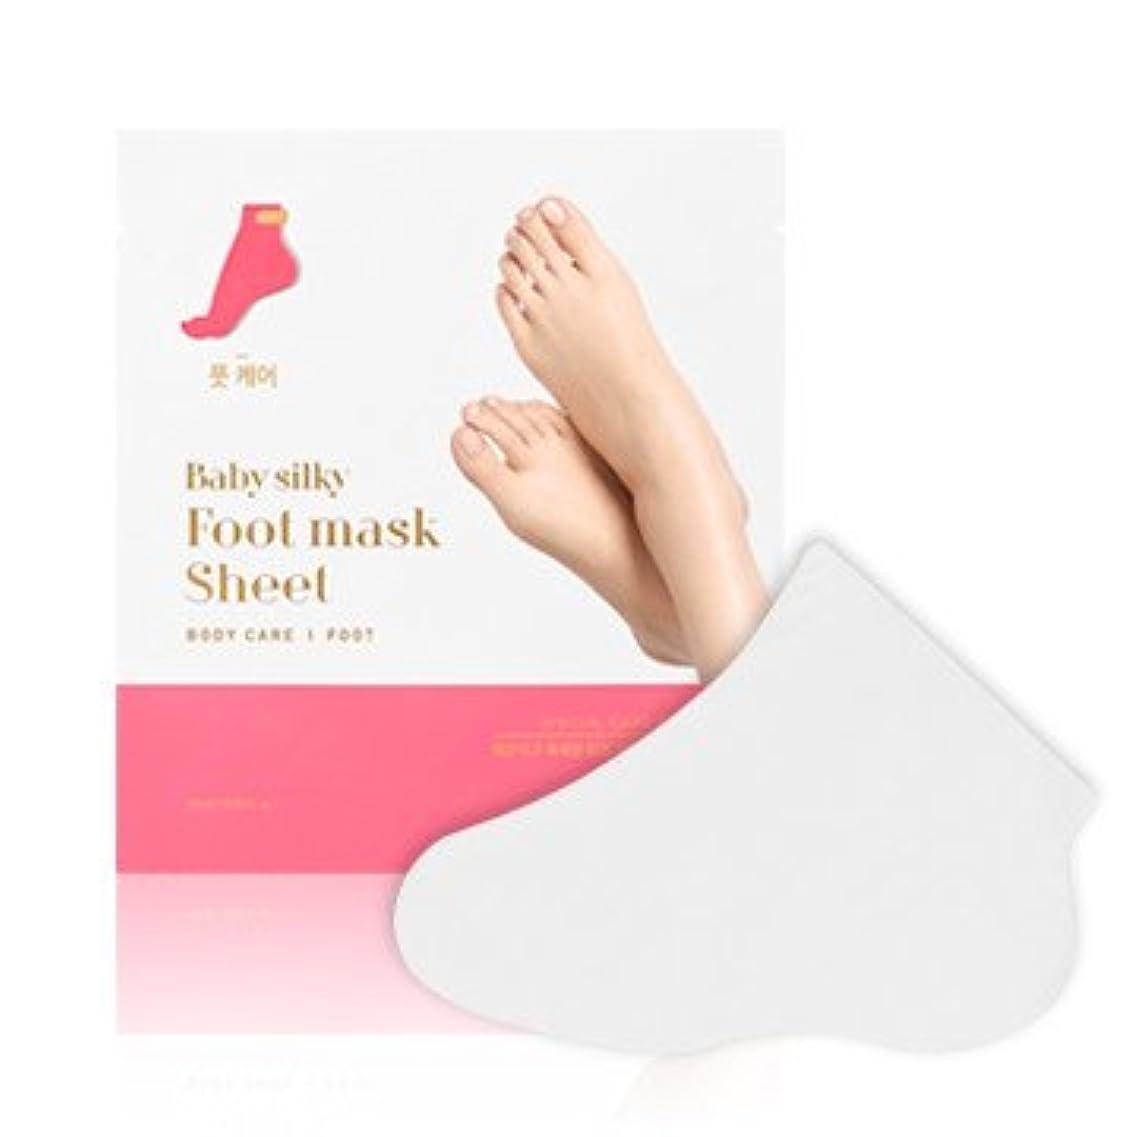 酔った移民相反する[Holika Holika/ホリカホリカ] ベビーシルキーフット マスクシート ?しっとり?/ Baby Silky Foot Mask Sheet 6EA [並行輸入品] …